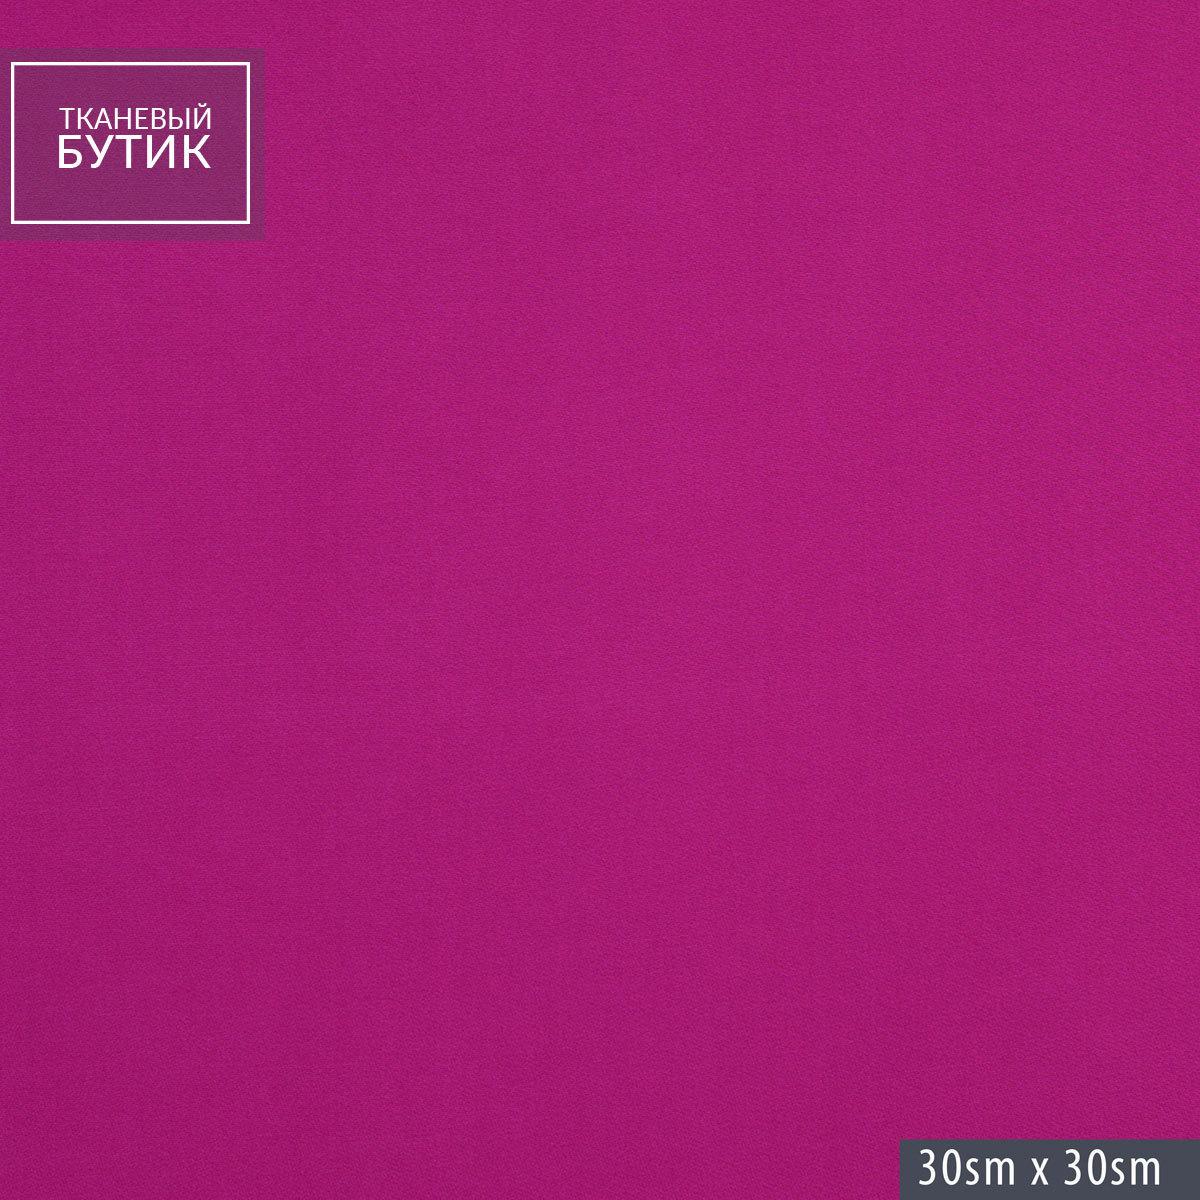 Пурпурный вискозный креп